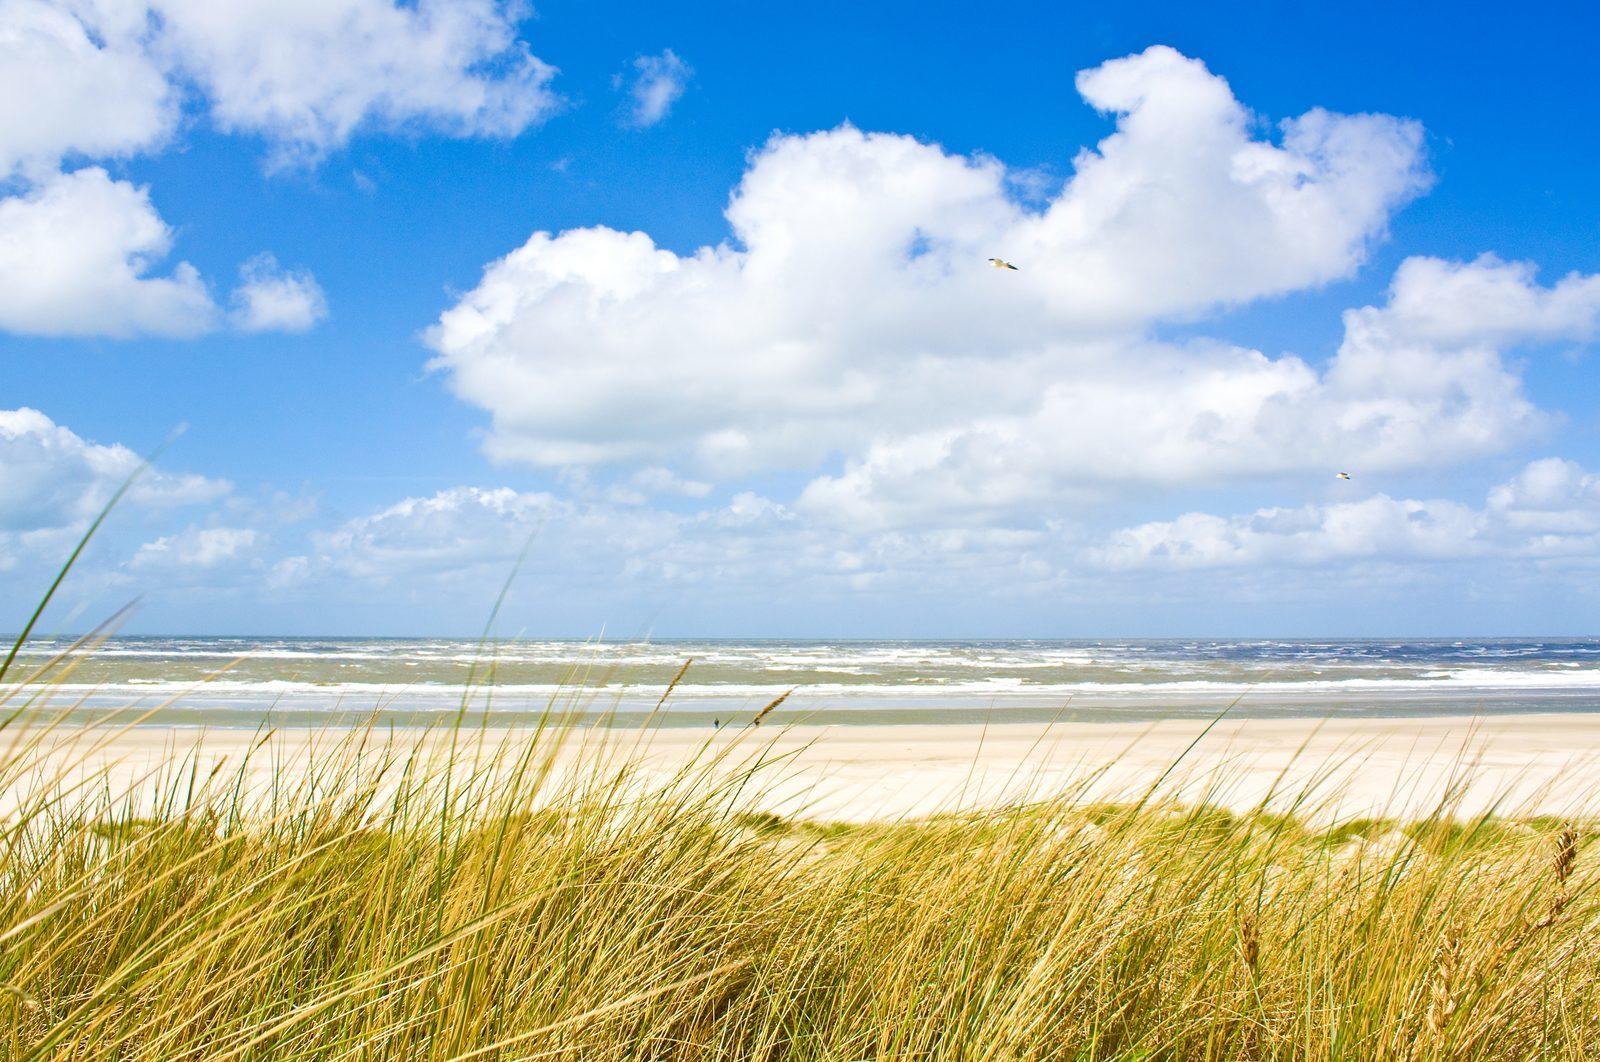 Vakantiewoning kopen aan zee